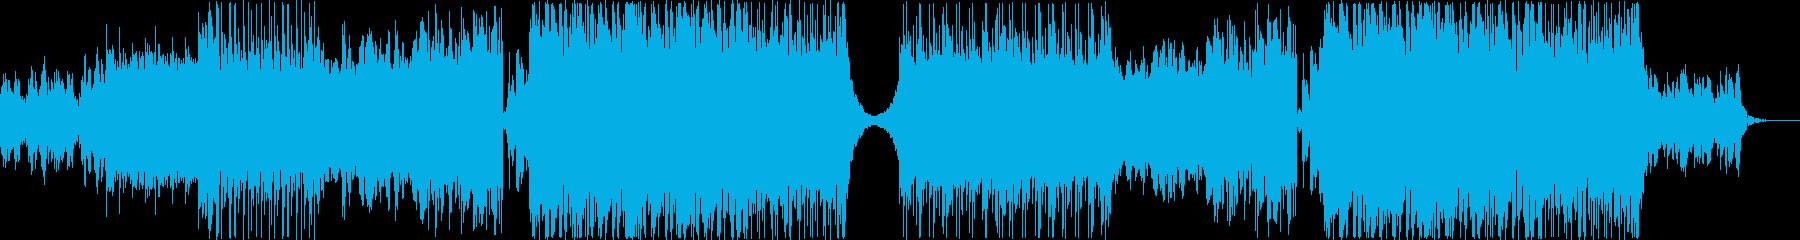 オシャレな海外風トロピカルハウスの再生済みの波形